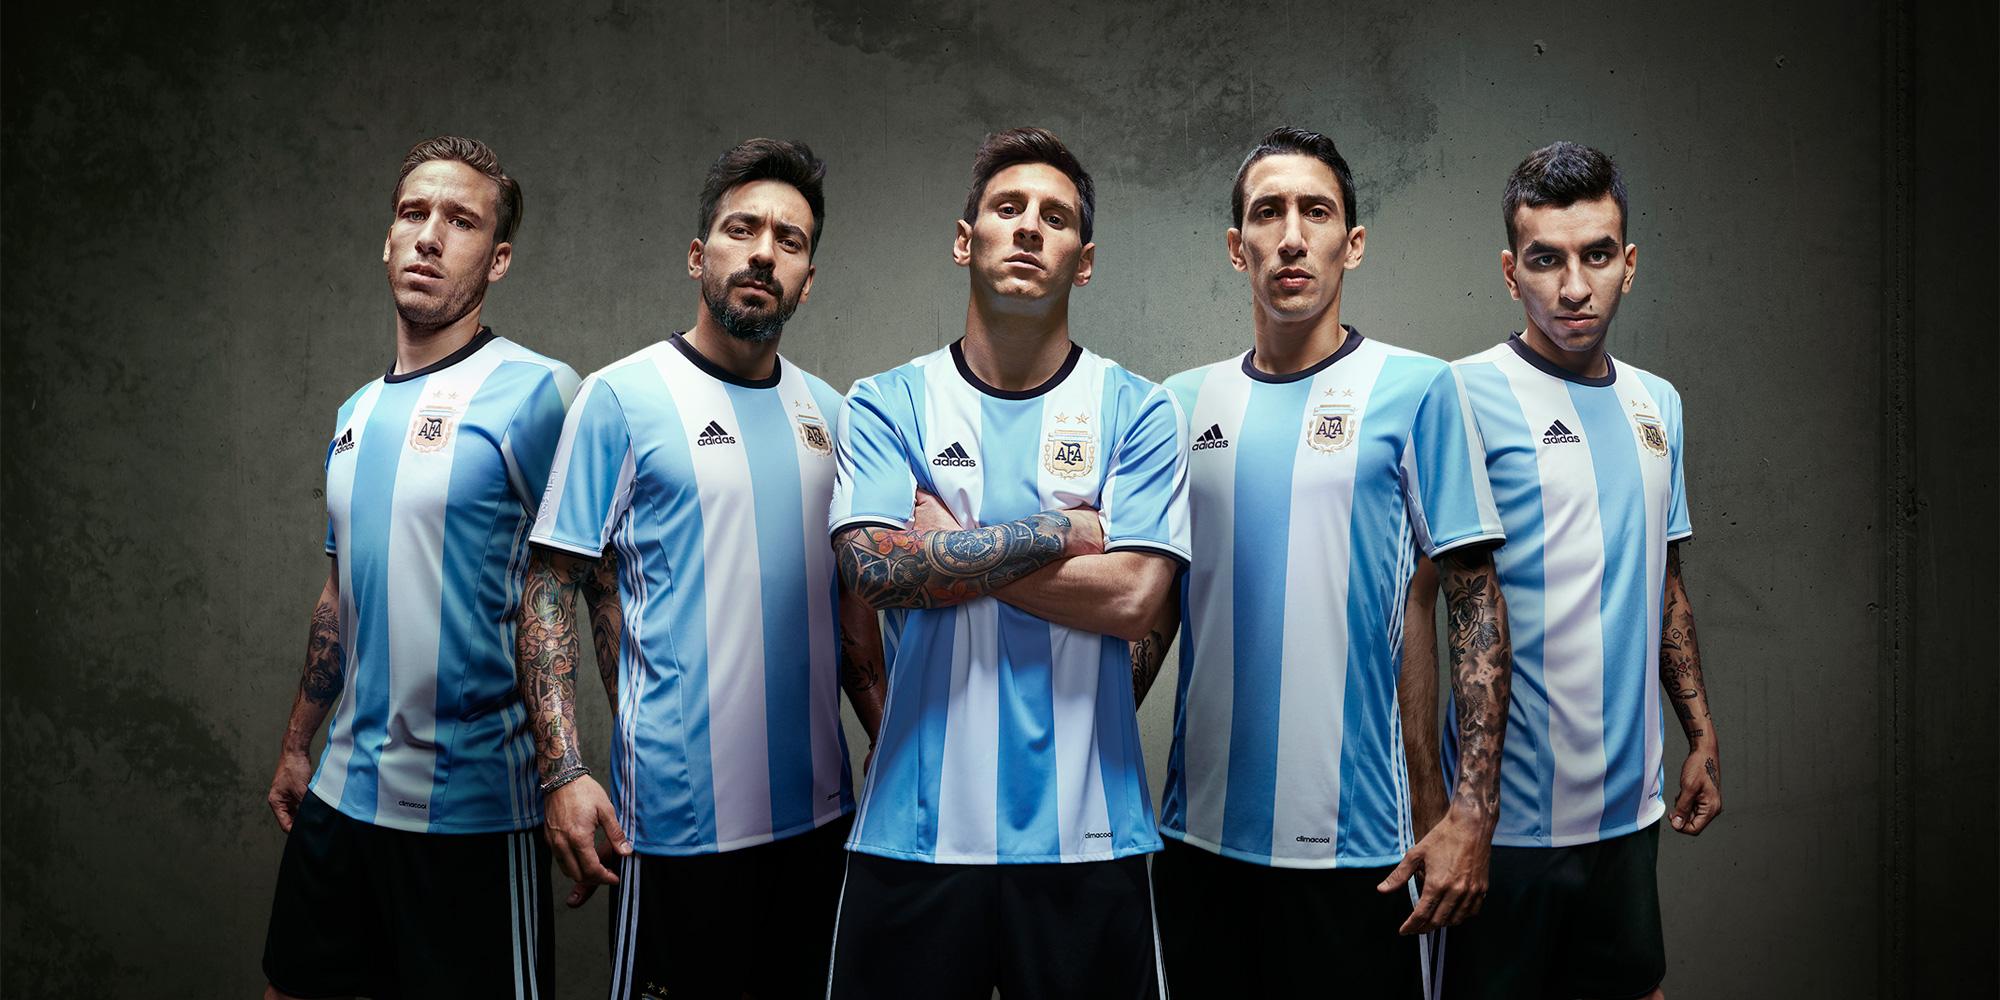 f0d461944b91c Os uniformes que a Argentina e o Uruguai vão vestir durante a Copa América  Centenário foram divulgados nesta semana. Anunciada oficialmente na  segunda-feira ...